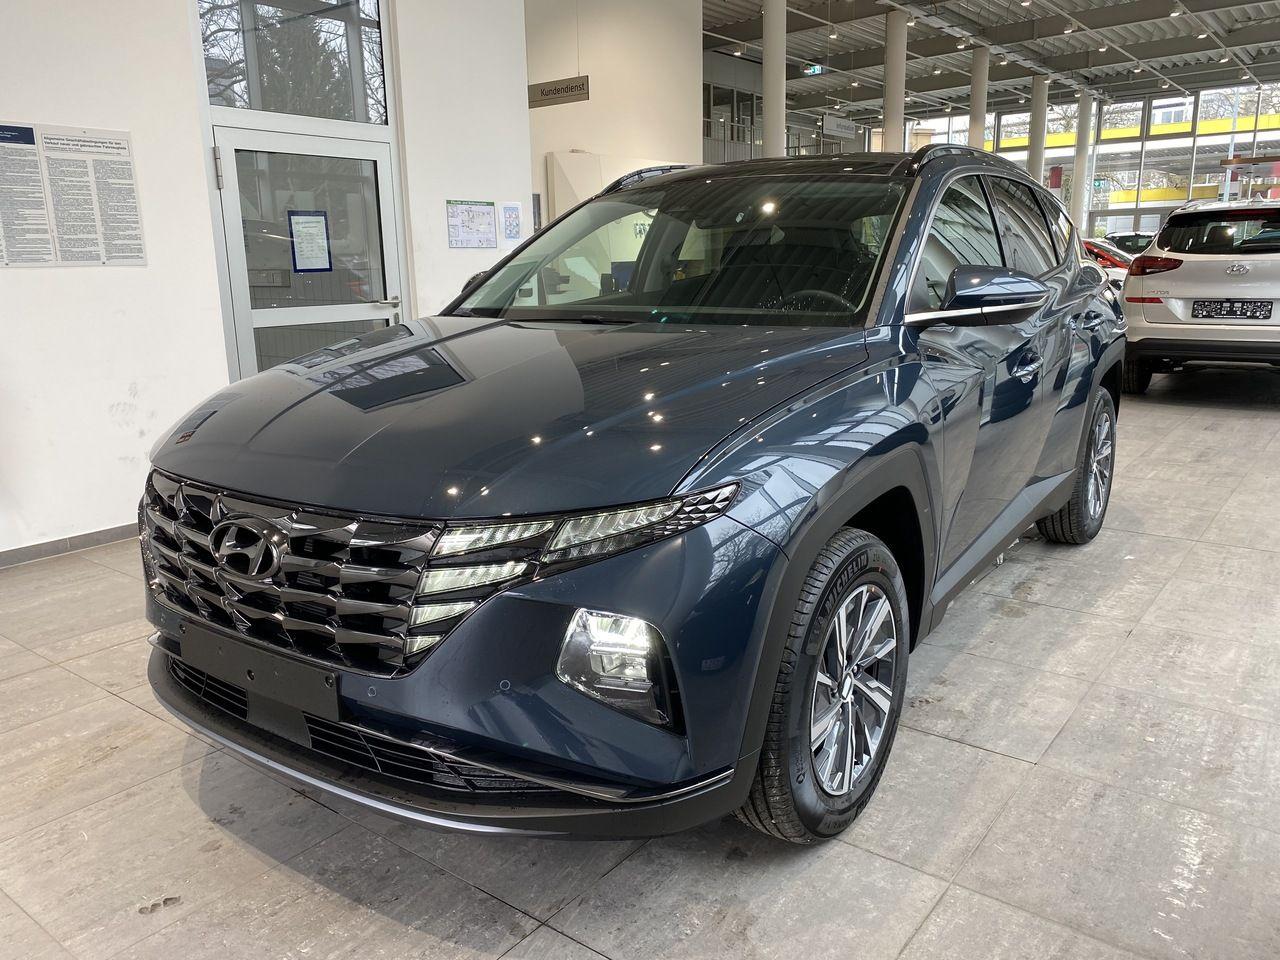 [Gewerbeleasing] Hyundai Tucson 1.6 T-GDI Hybrid Plug In (265 PS / 195 kW) für mtl. 83,19€ + 752,10 ÜF, LF 0,23, GF 0,32, 24 Monate, BAFA